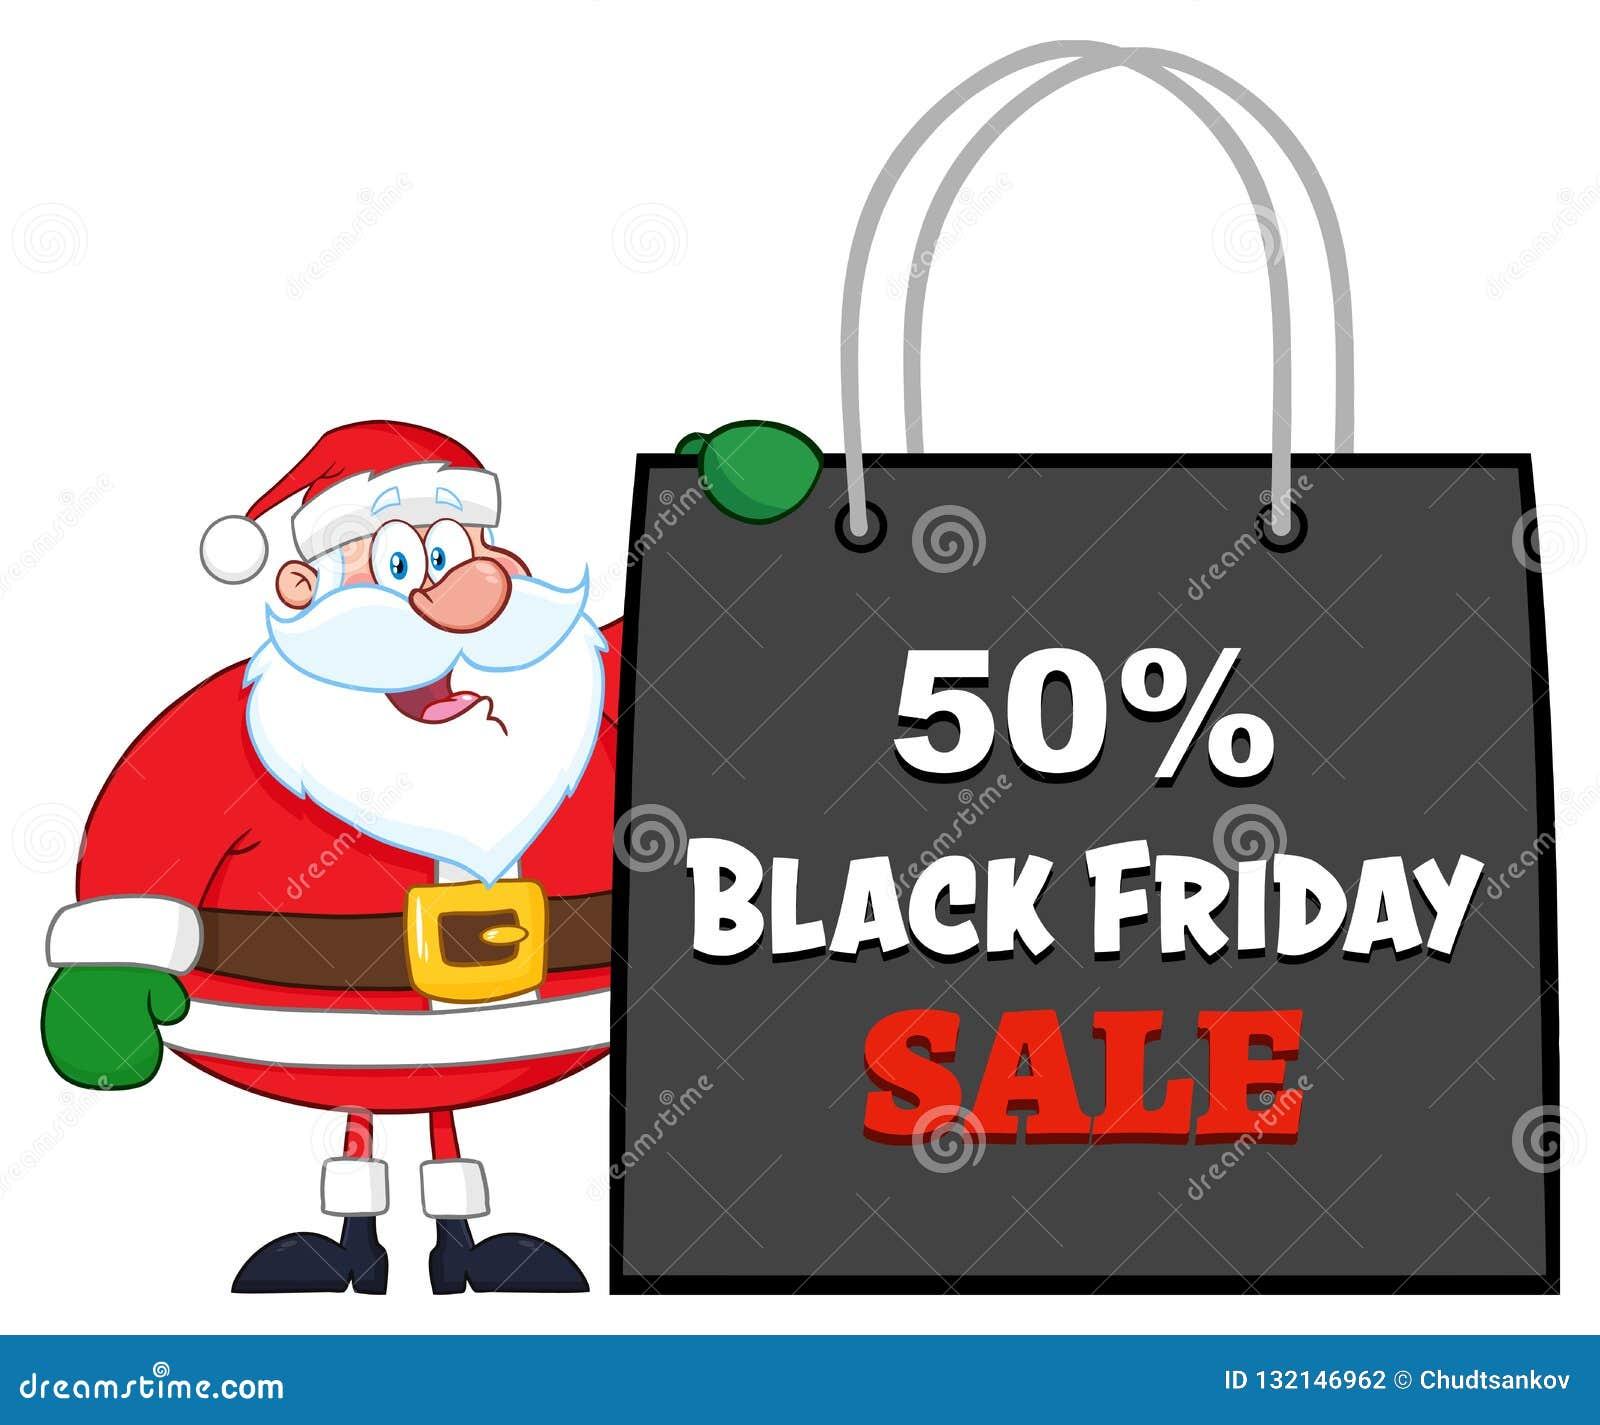 Sac Black Friday de Santa Claus Cartoon Character Showing Shopping